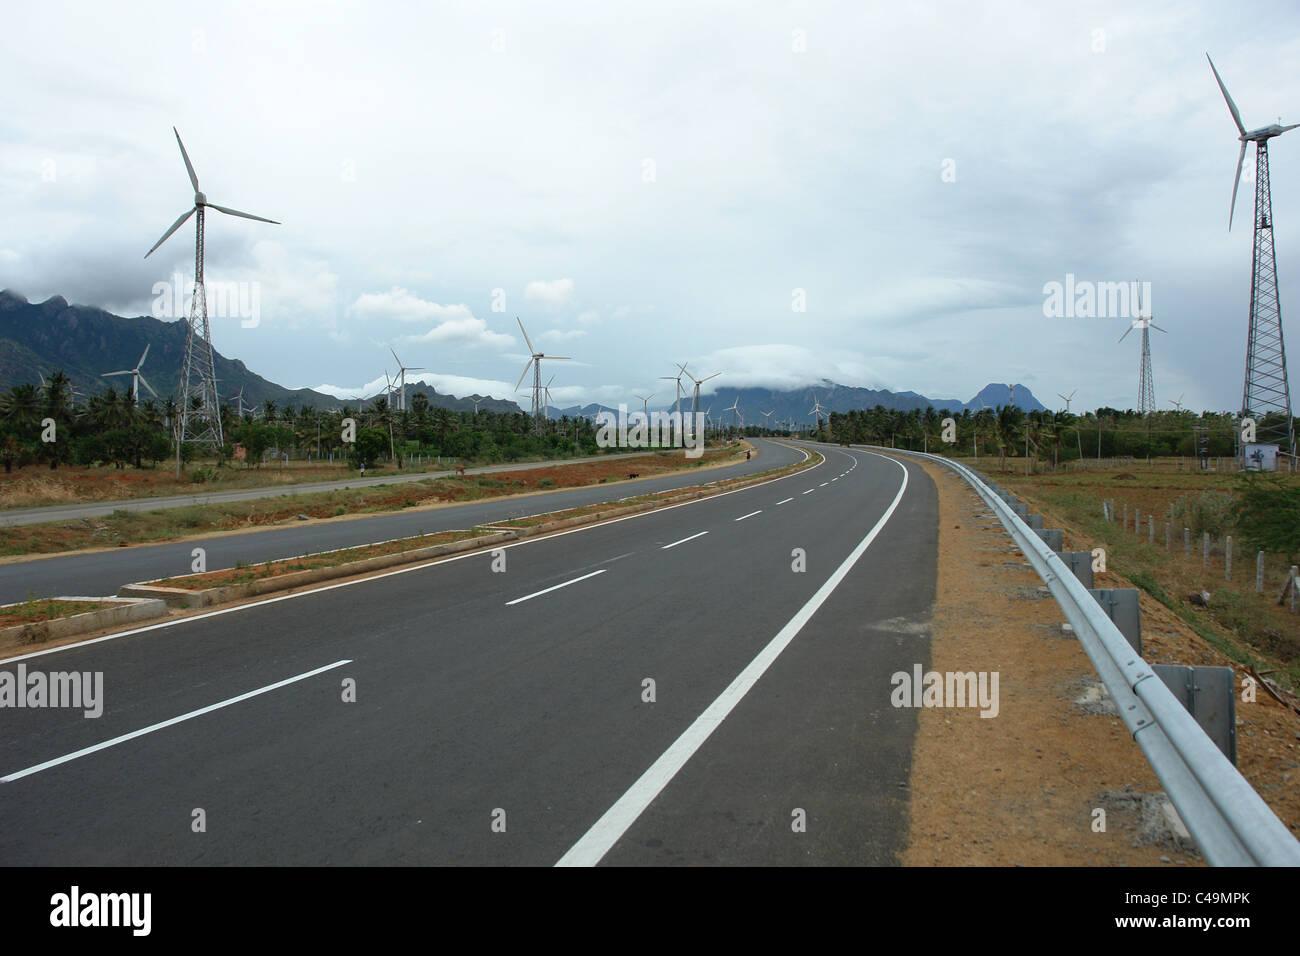 Autostrada, vento Ventilatore, energia eolica, mulino a vento Immagini Stock